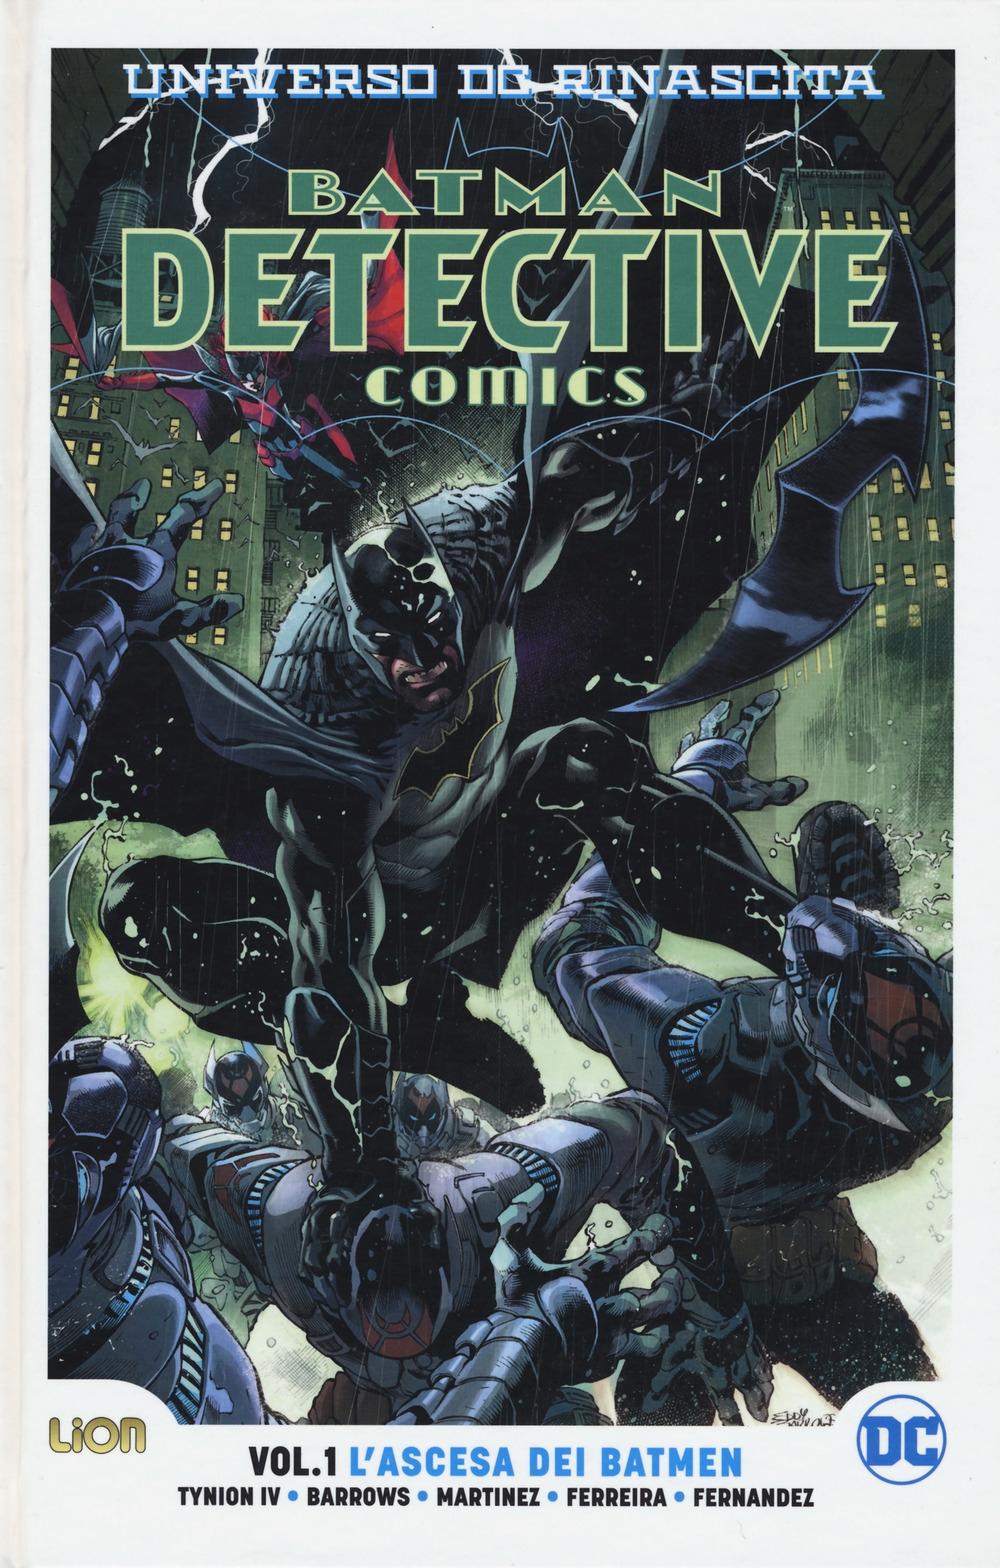 Batman detective comics. Vol. 1: L' ascesa dei batmen